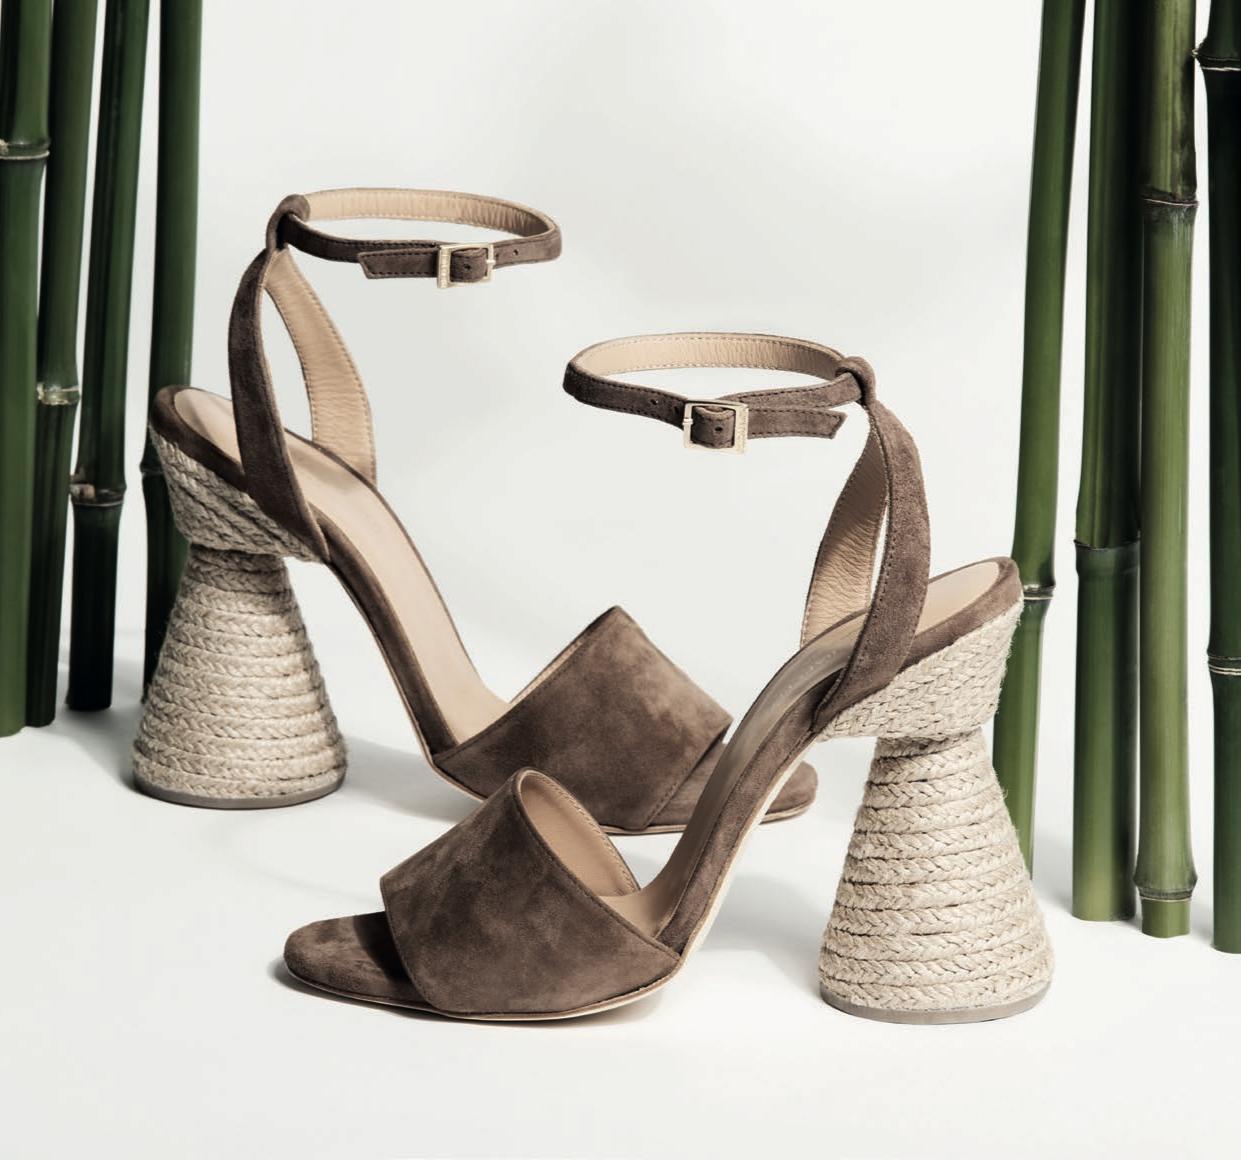 Esta firma de calzado española tiene los zapatos con tacón geométrico más  bonitos que hemos visto a6de8773e647